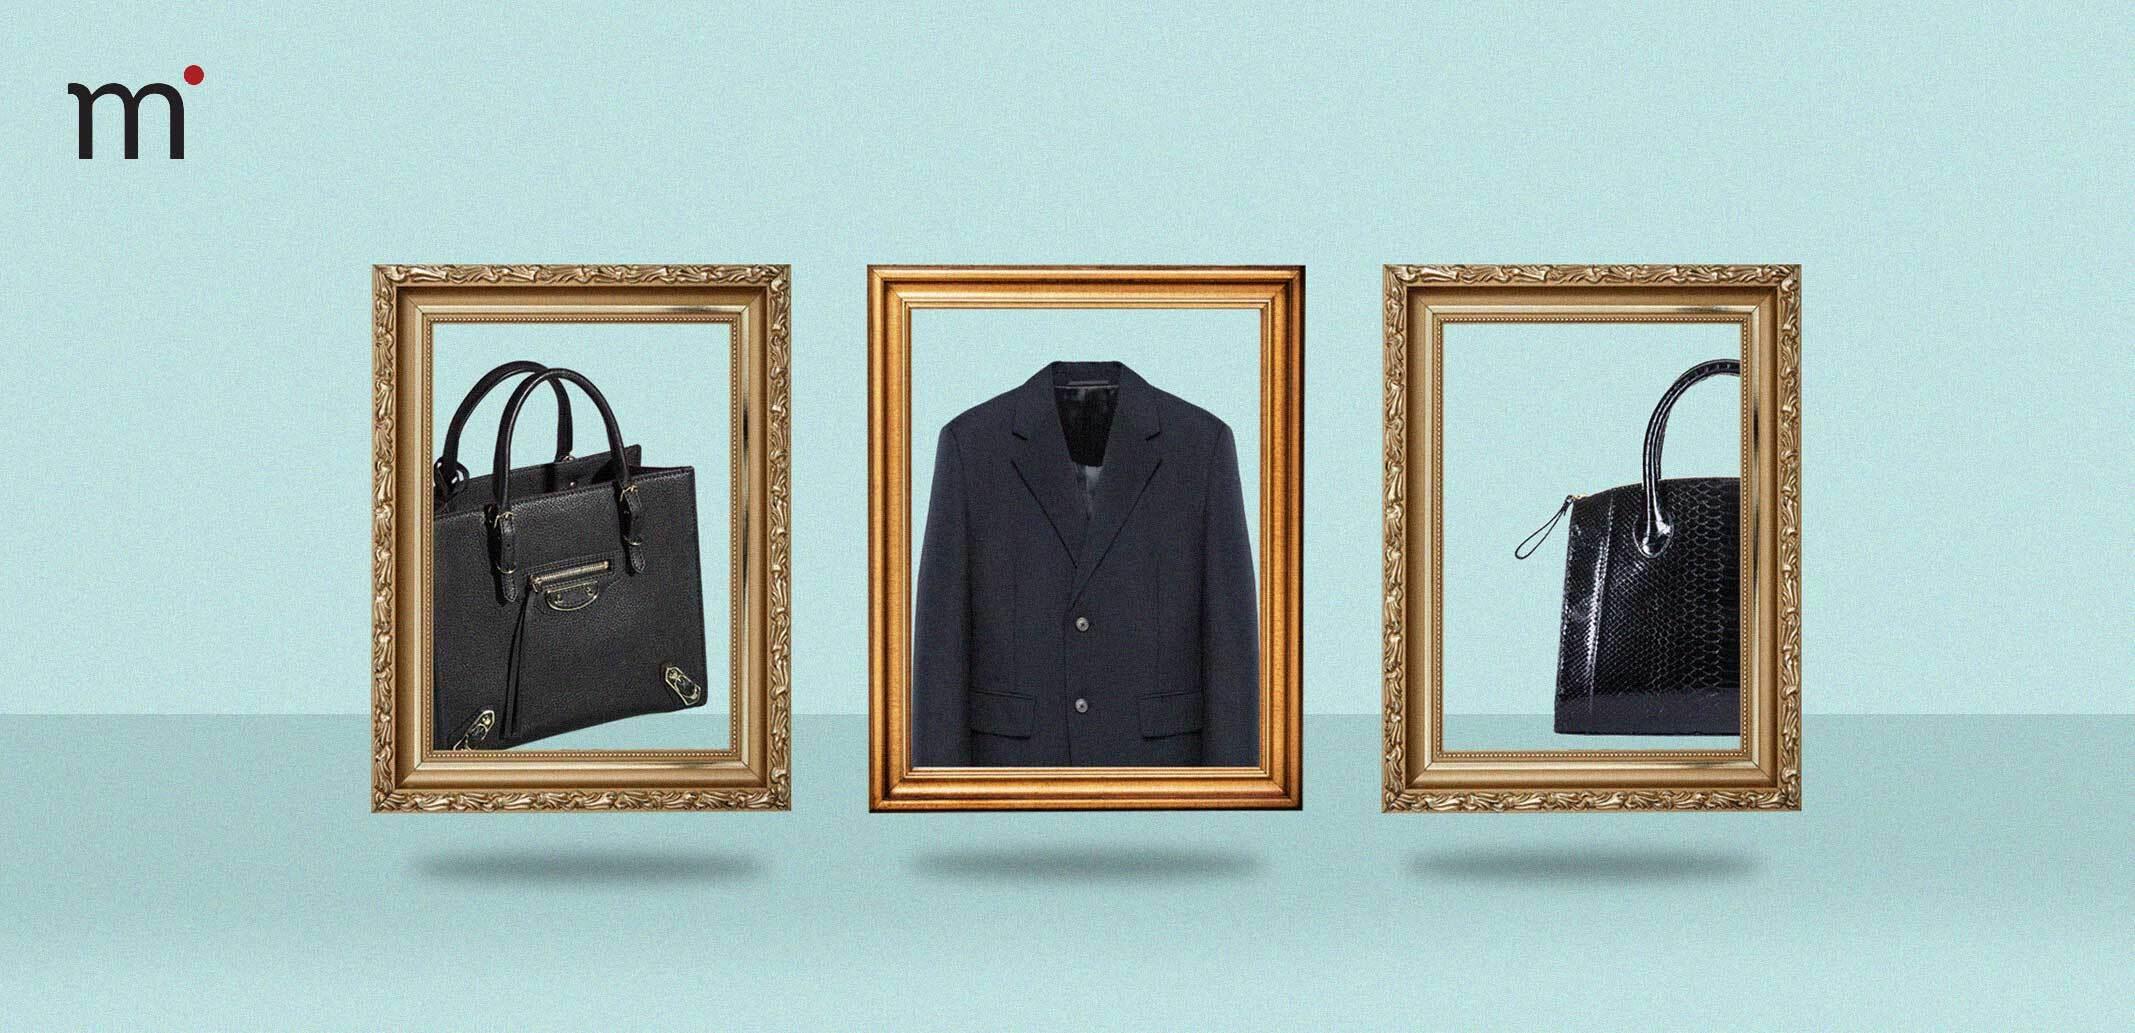 Luxury branding trends in 2021